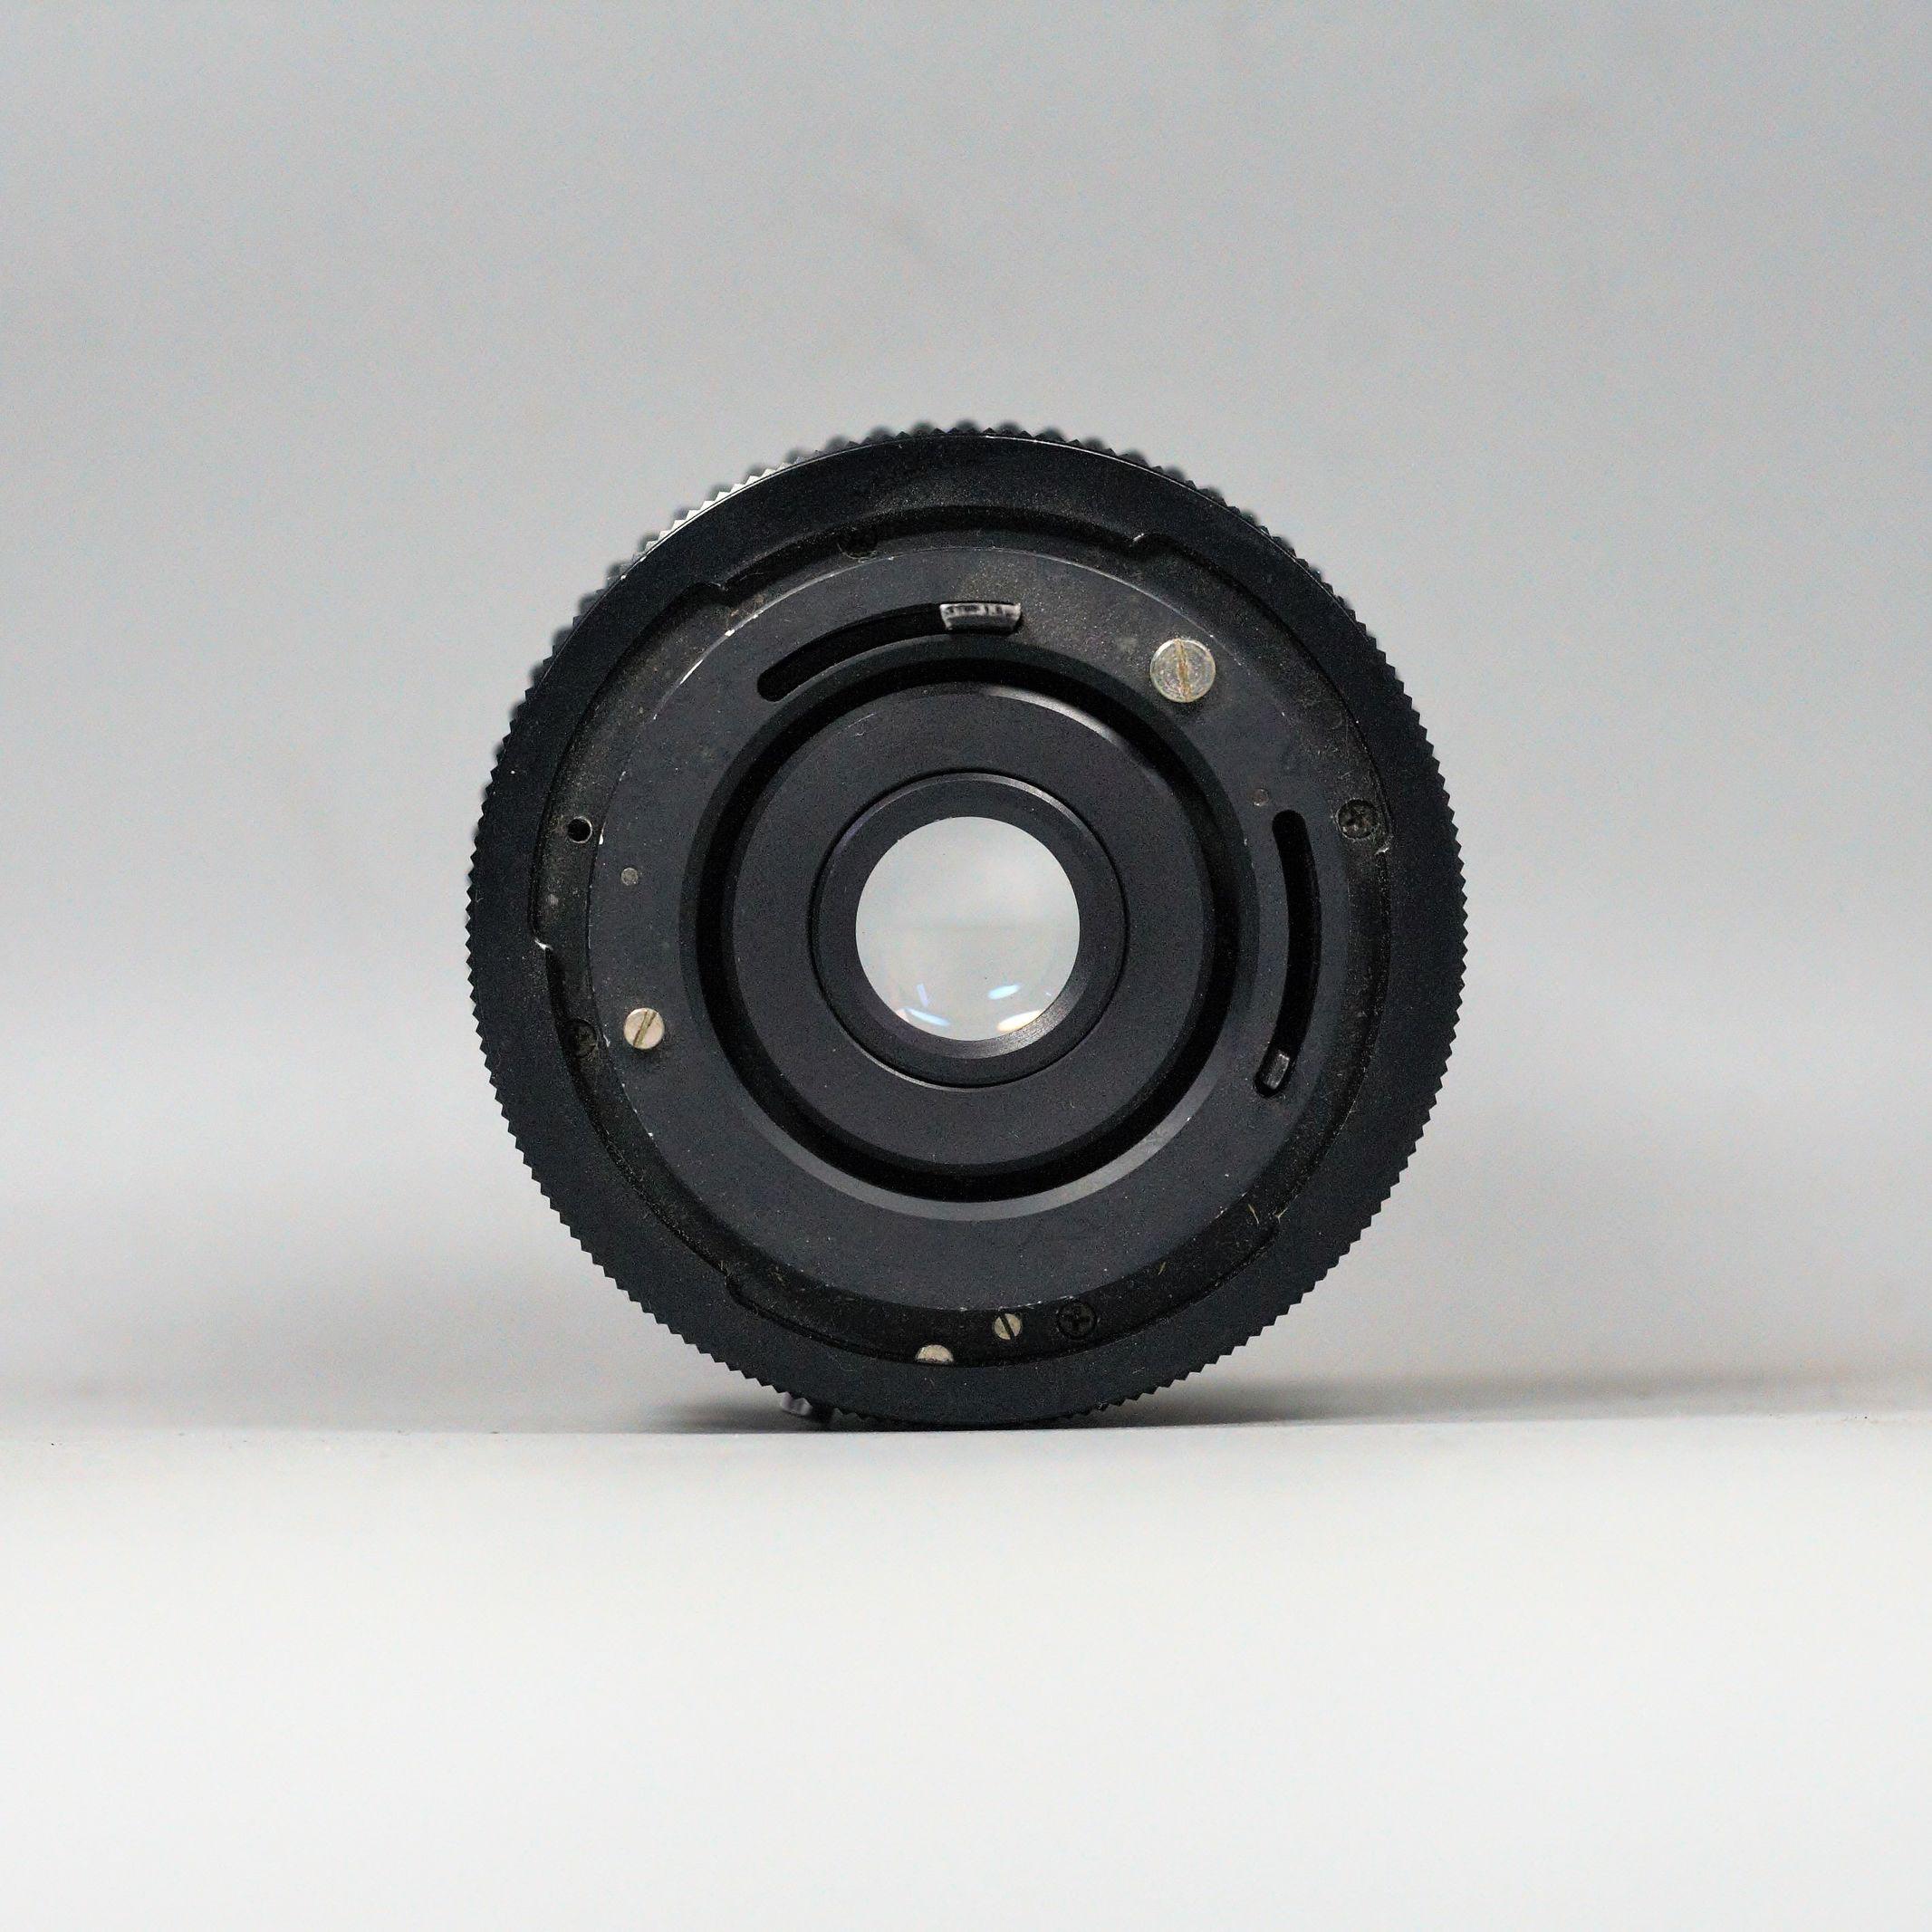 aqunon-28mm-f2-8-mf-canon-fd-28-2-8-hkg